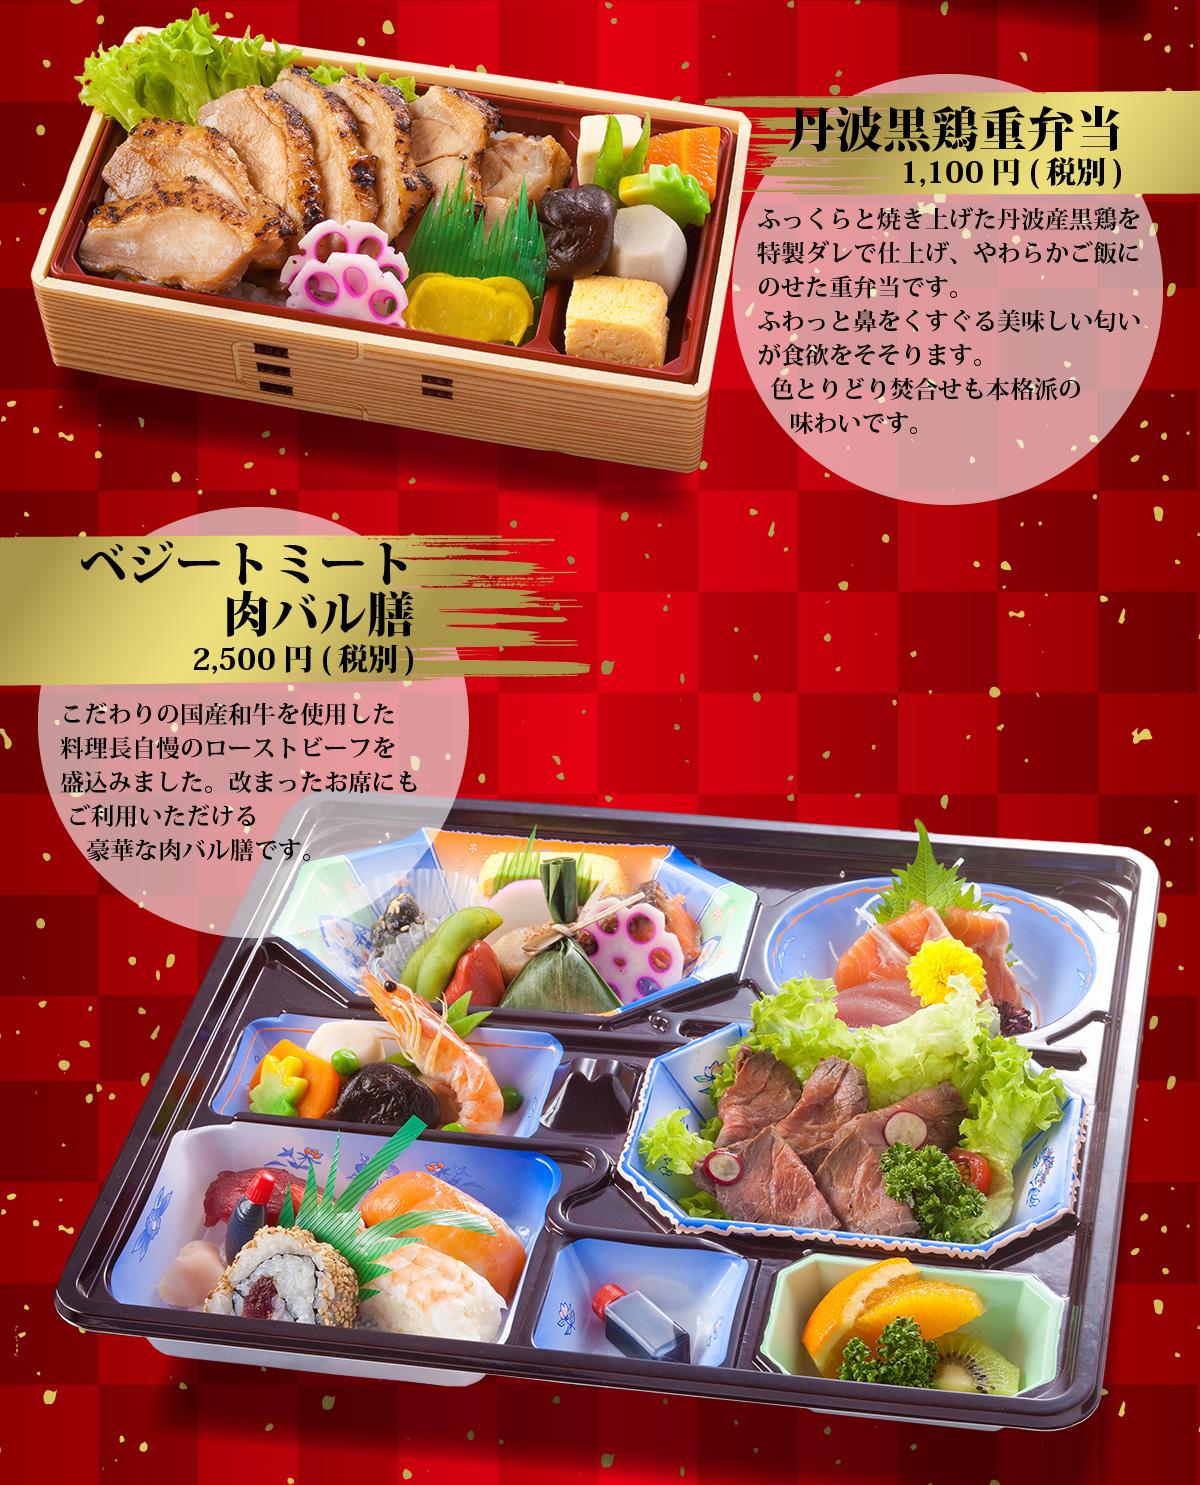 京料理花萬 お肉のお弁当フェア